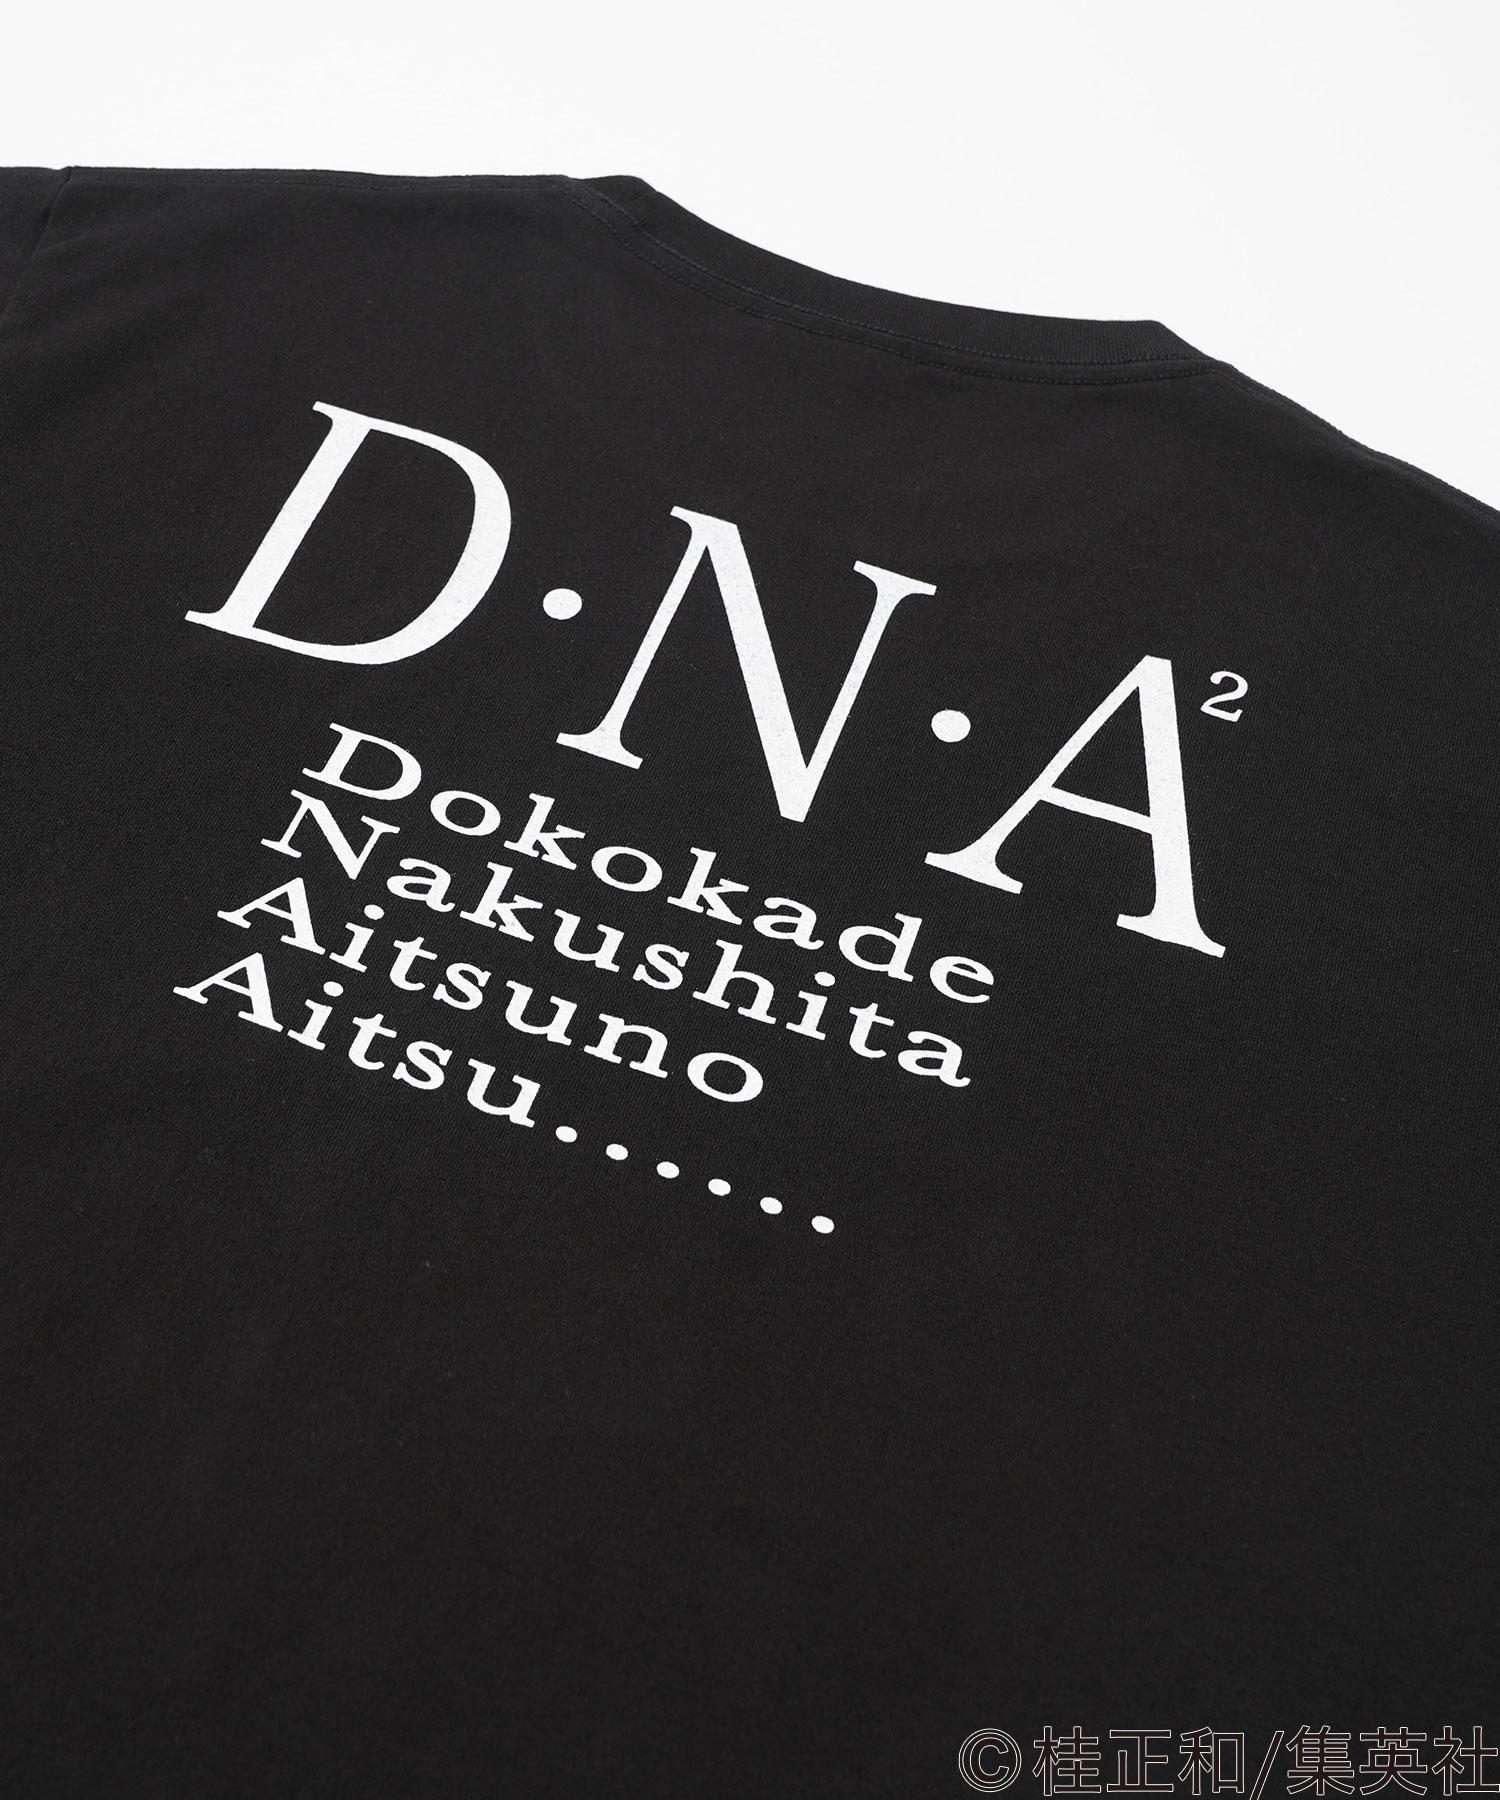 【公式】X-girlエックスガールX-girl×KATSURAMASAKAZUD・N・A2S/STEETシャツトップスプリントロゴショートスリーブコラボ